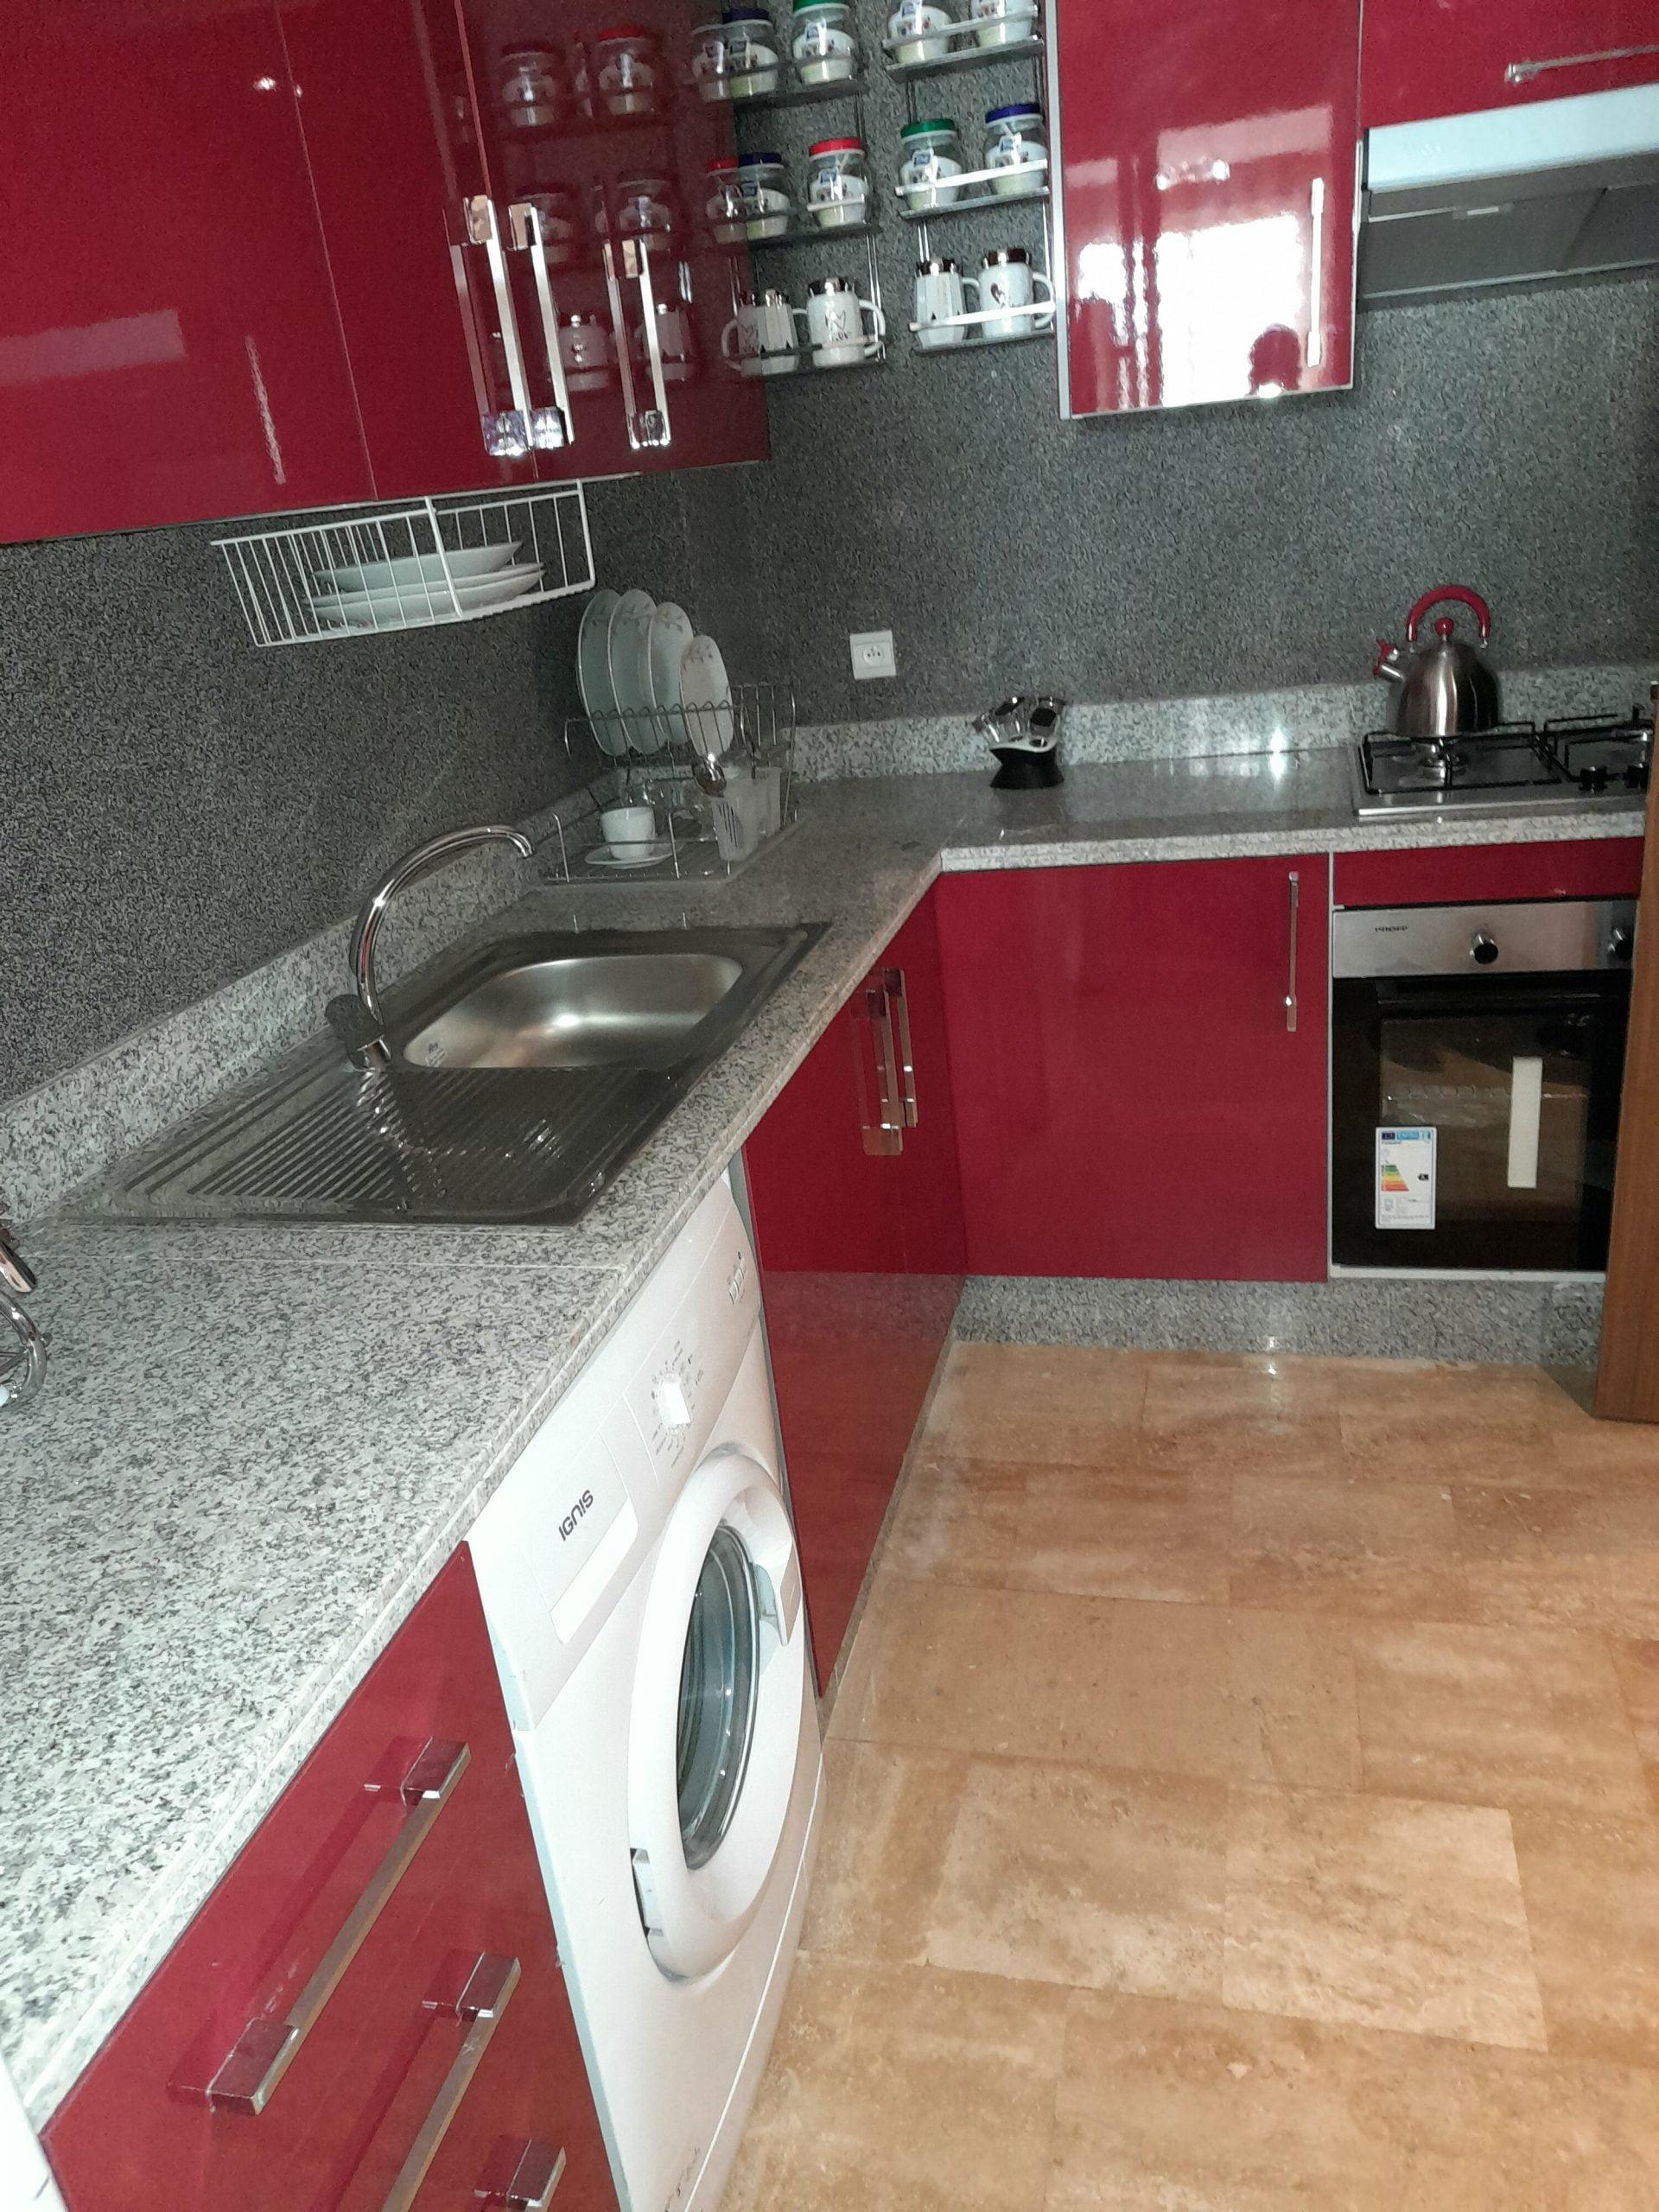 Vente appartements neufs à ABOUAB EL OULFA